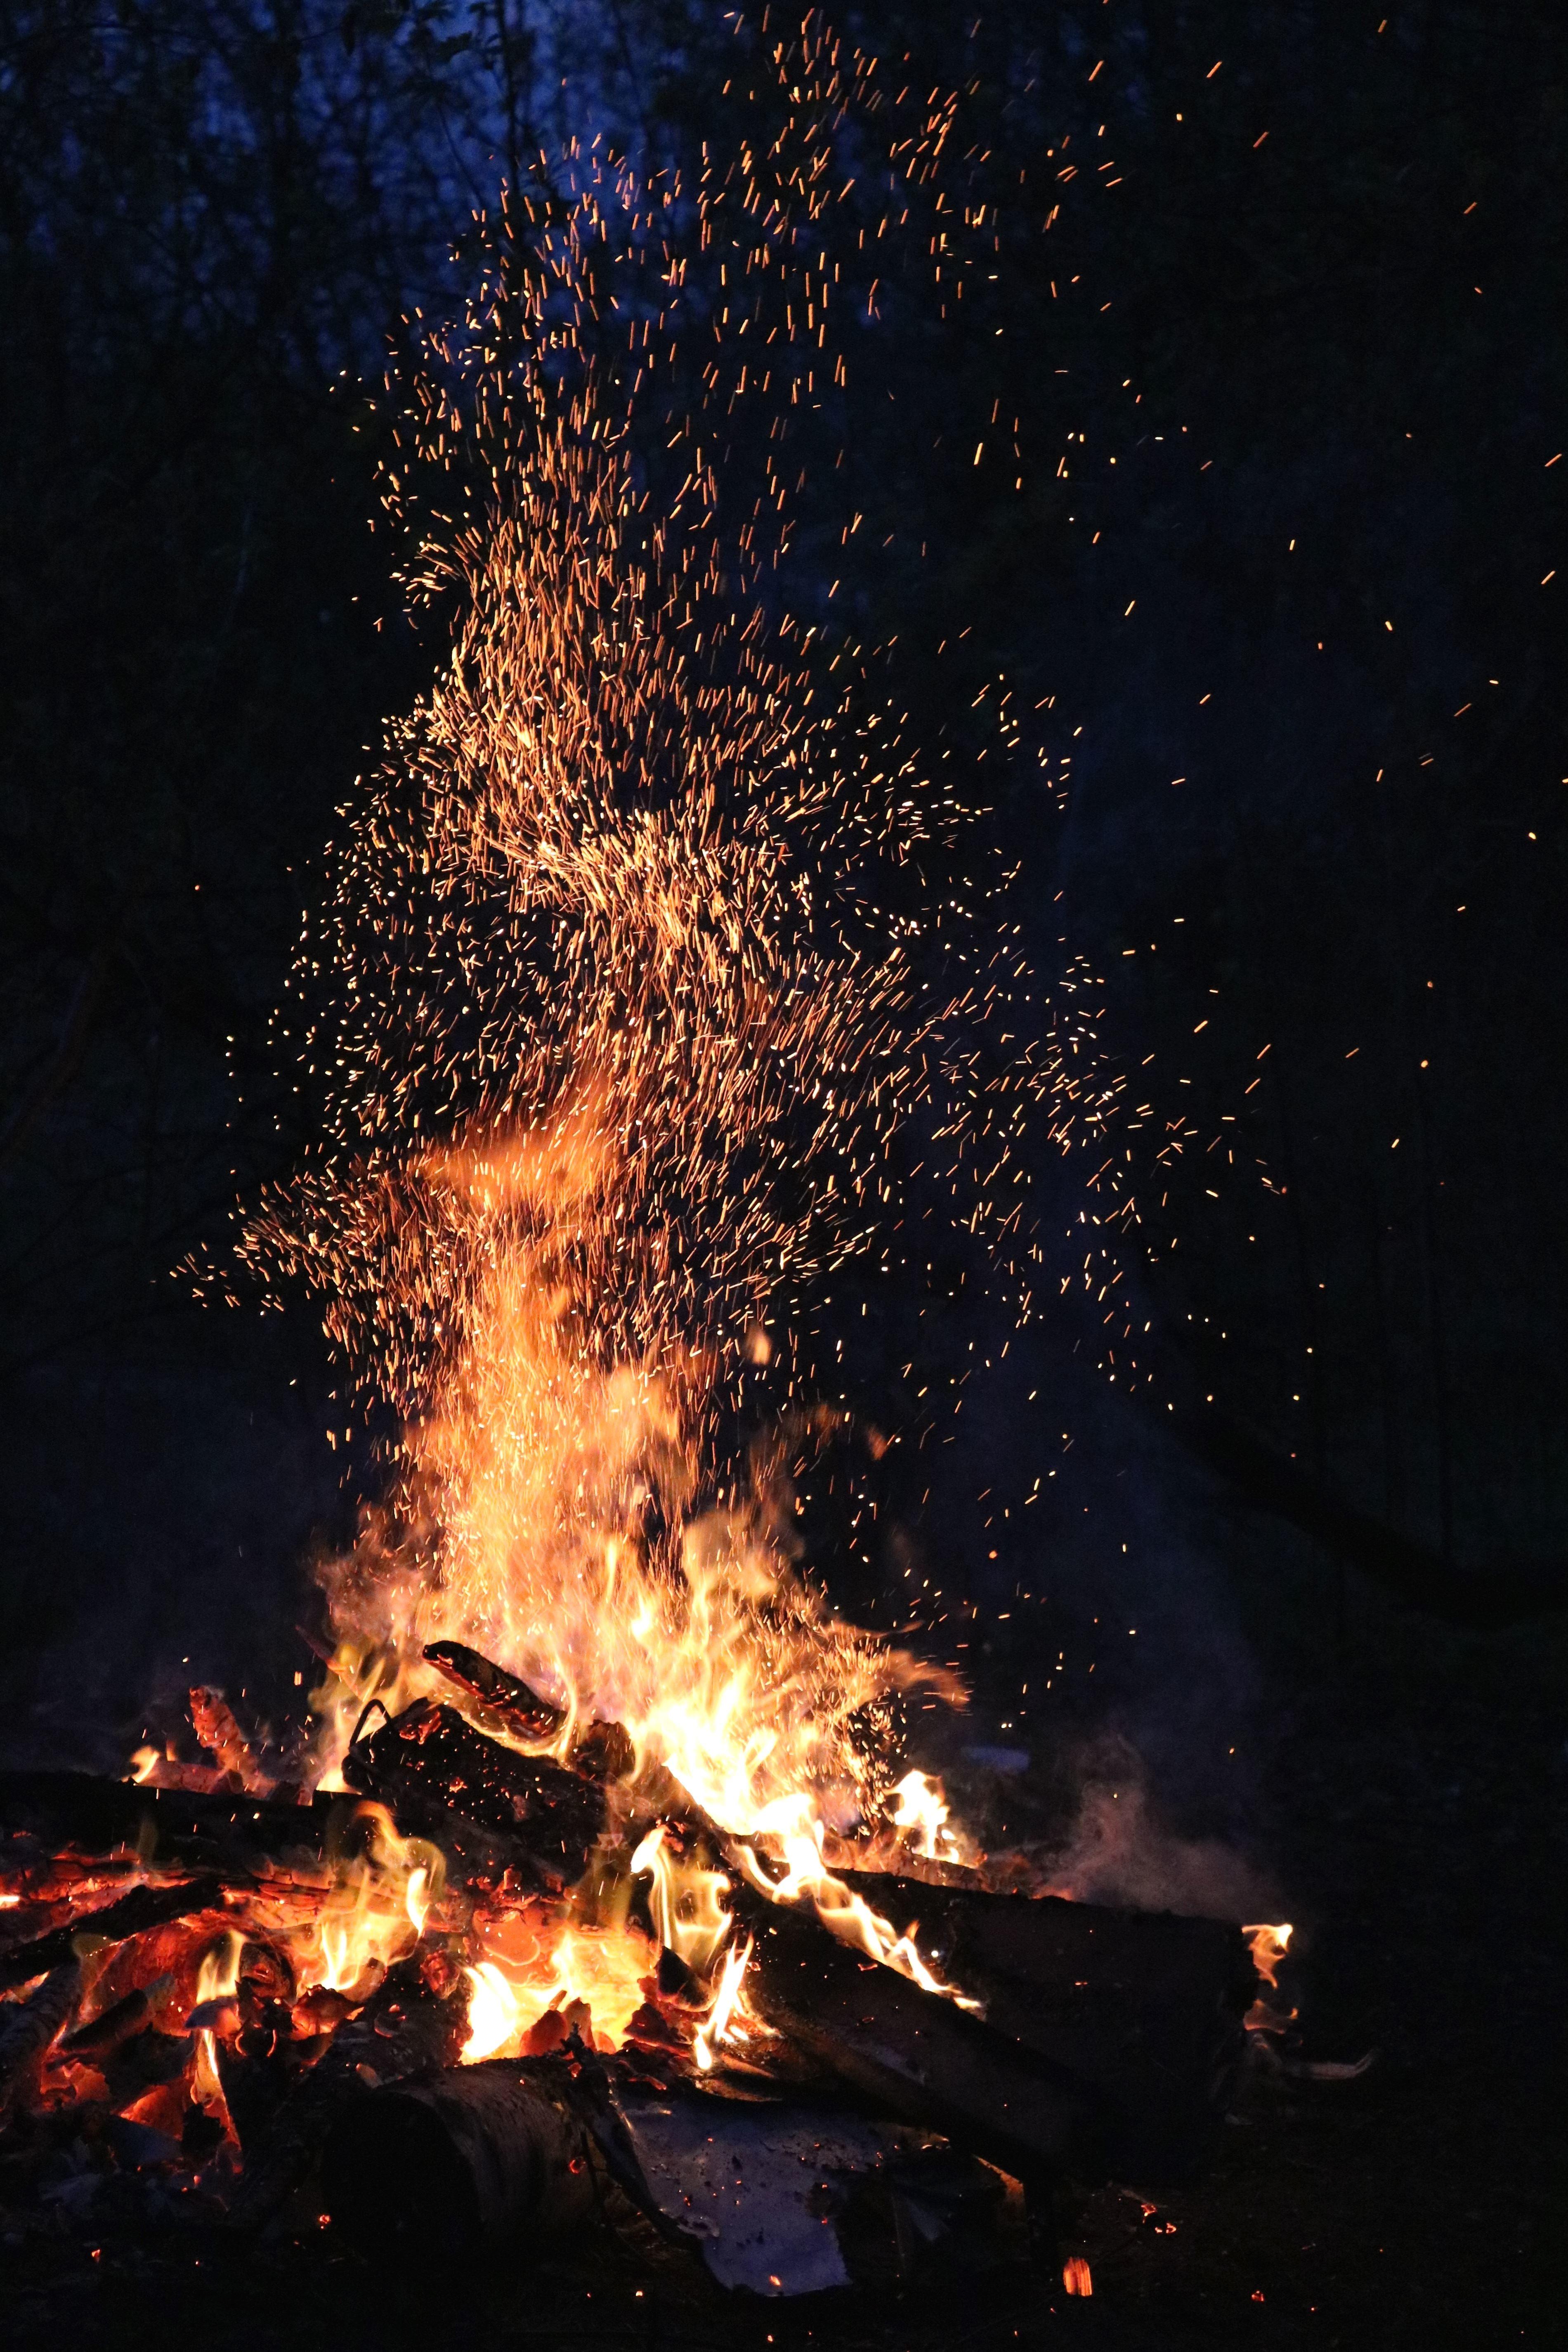 Kostenlose Bild: Feuer, Brennholz, Flamme, Wald, Hitze, heiß, Nacht ...